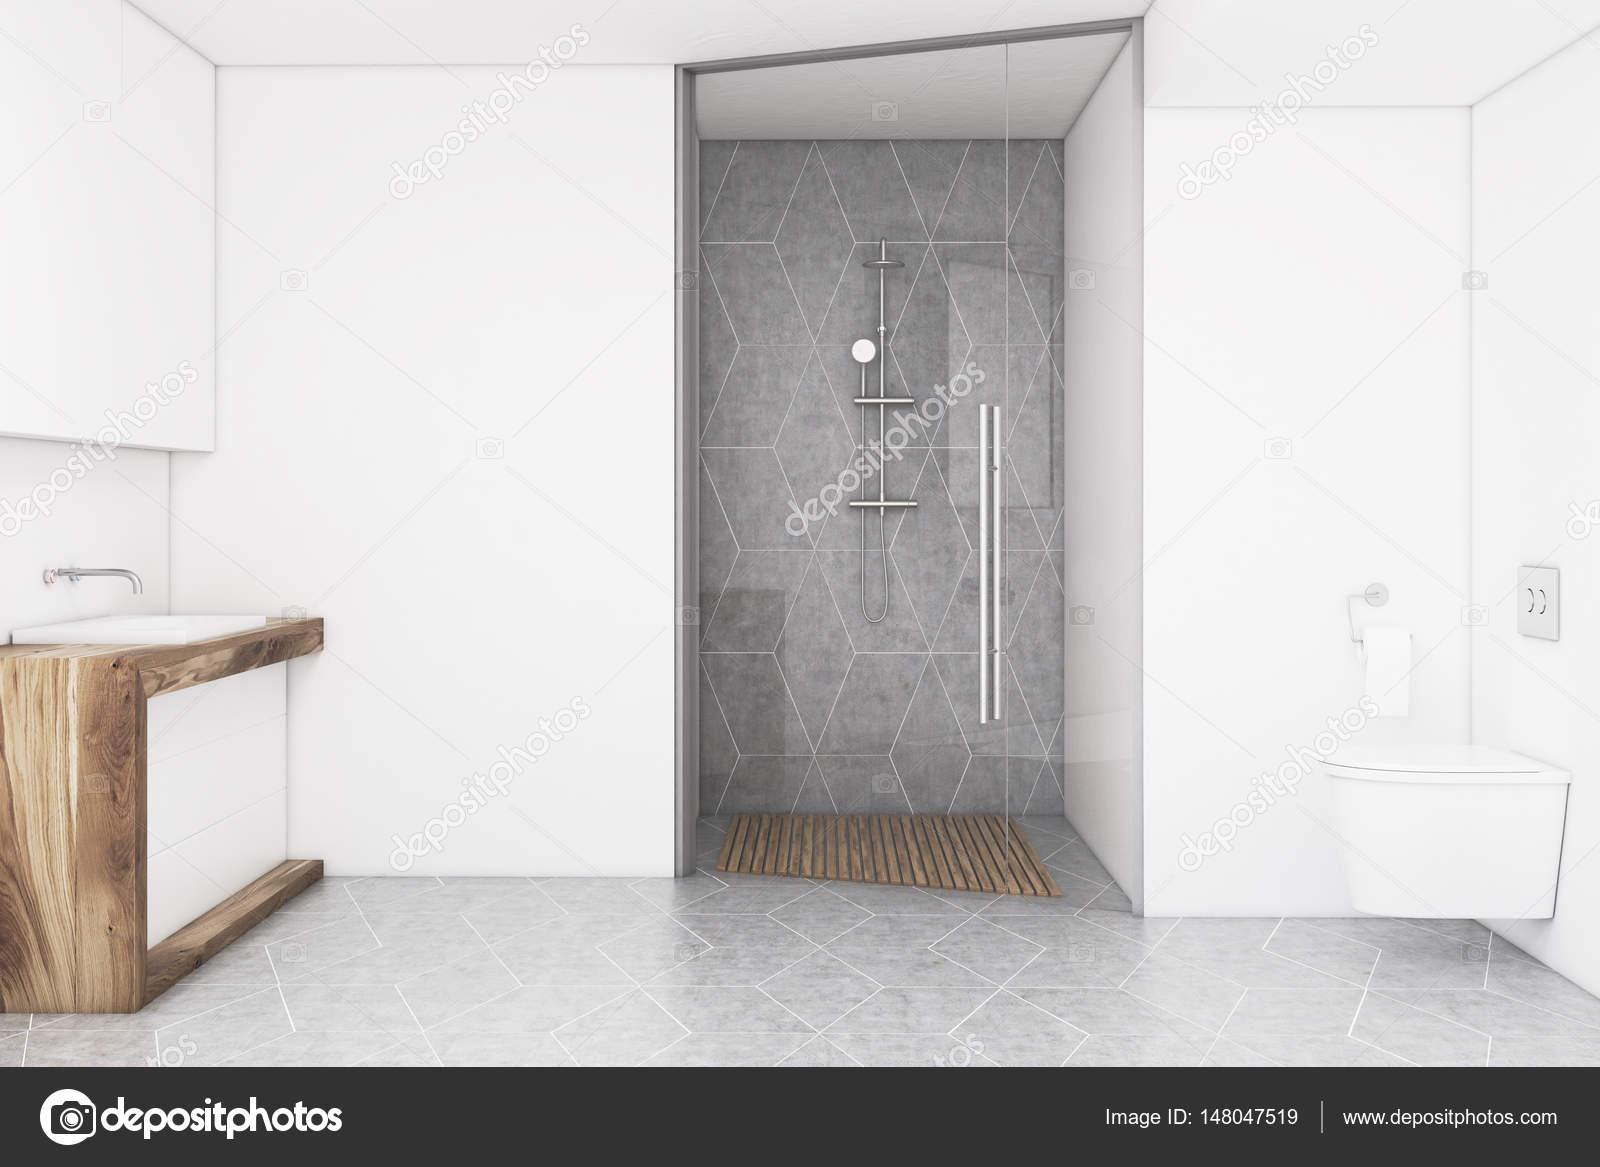 Badezimmer mit einer weißen Wand und eine Glastür ...